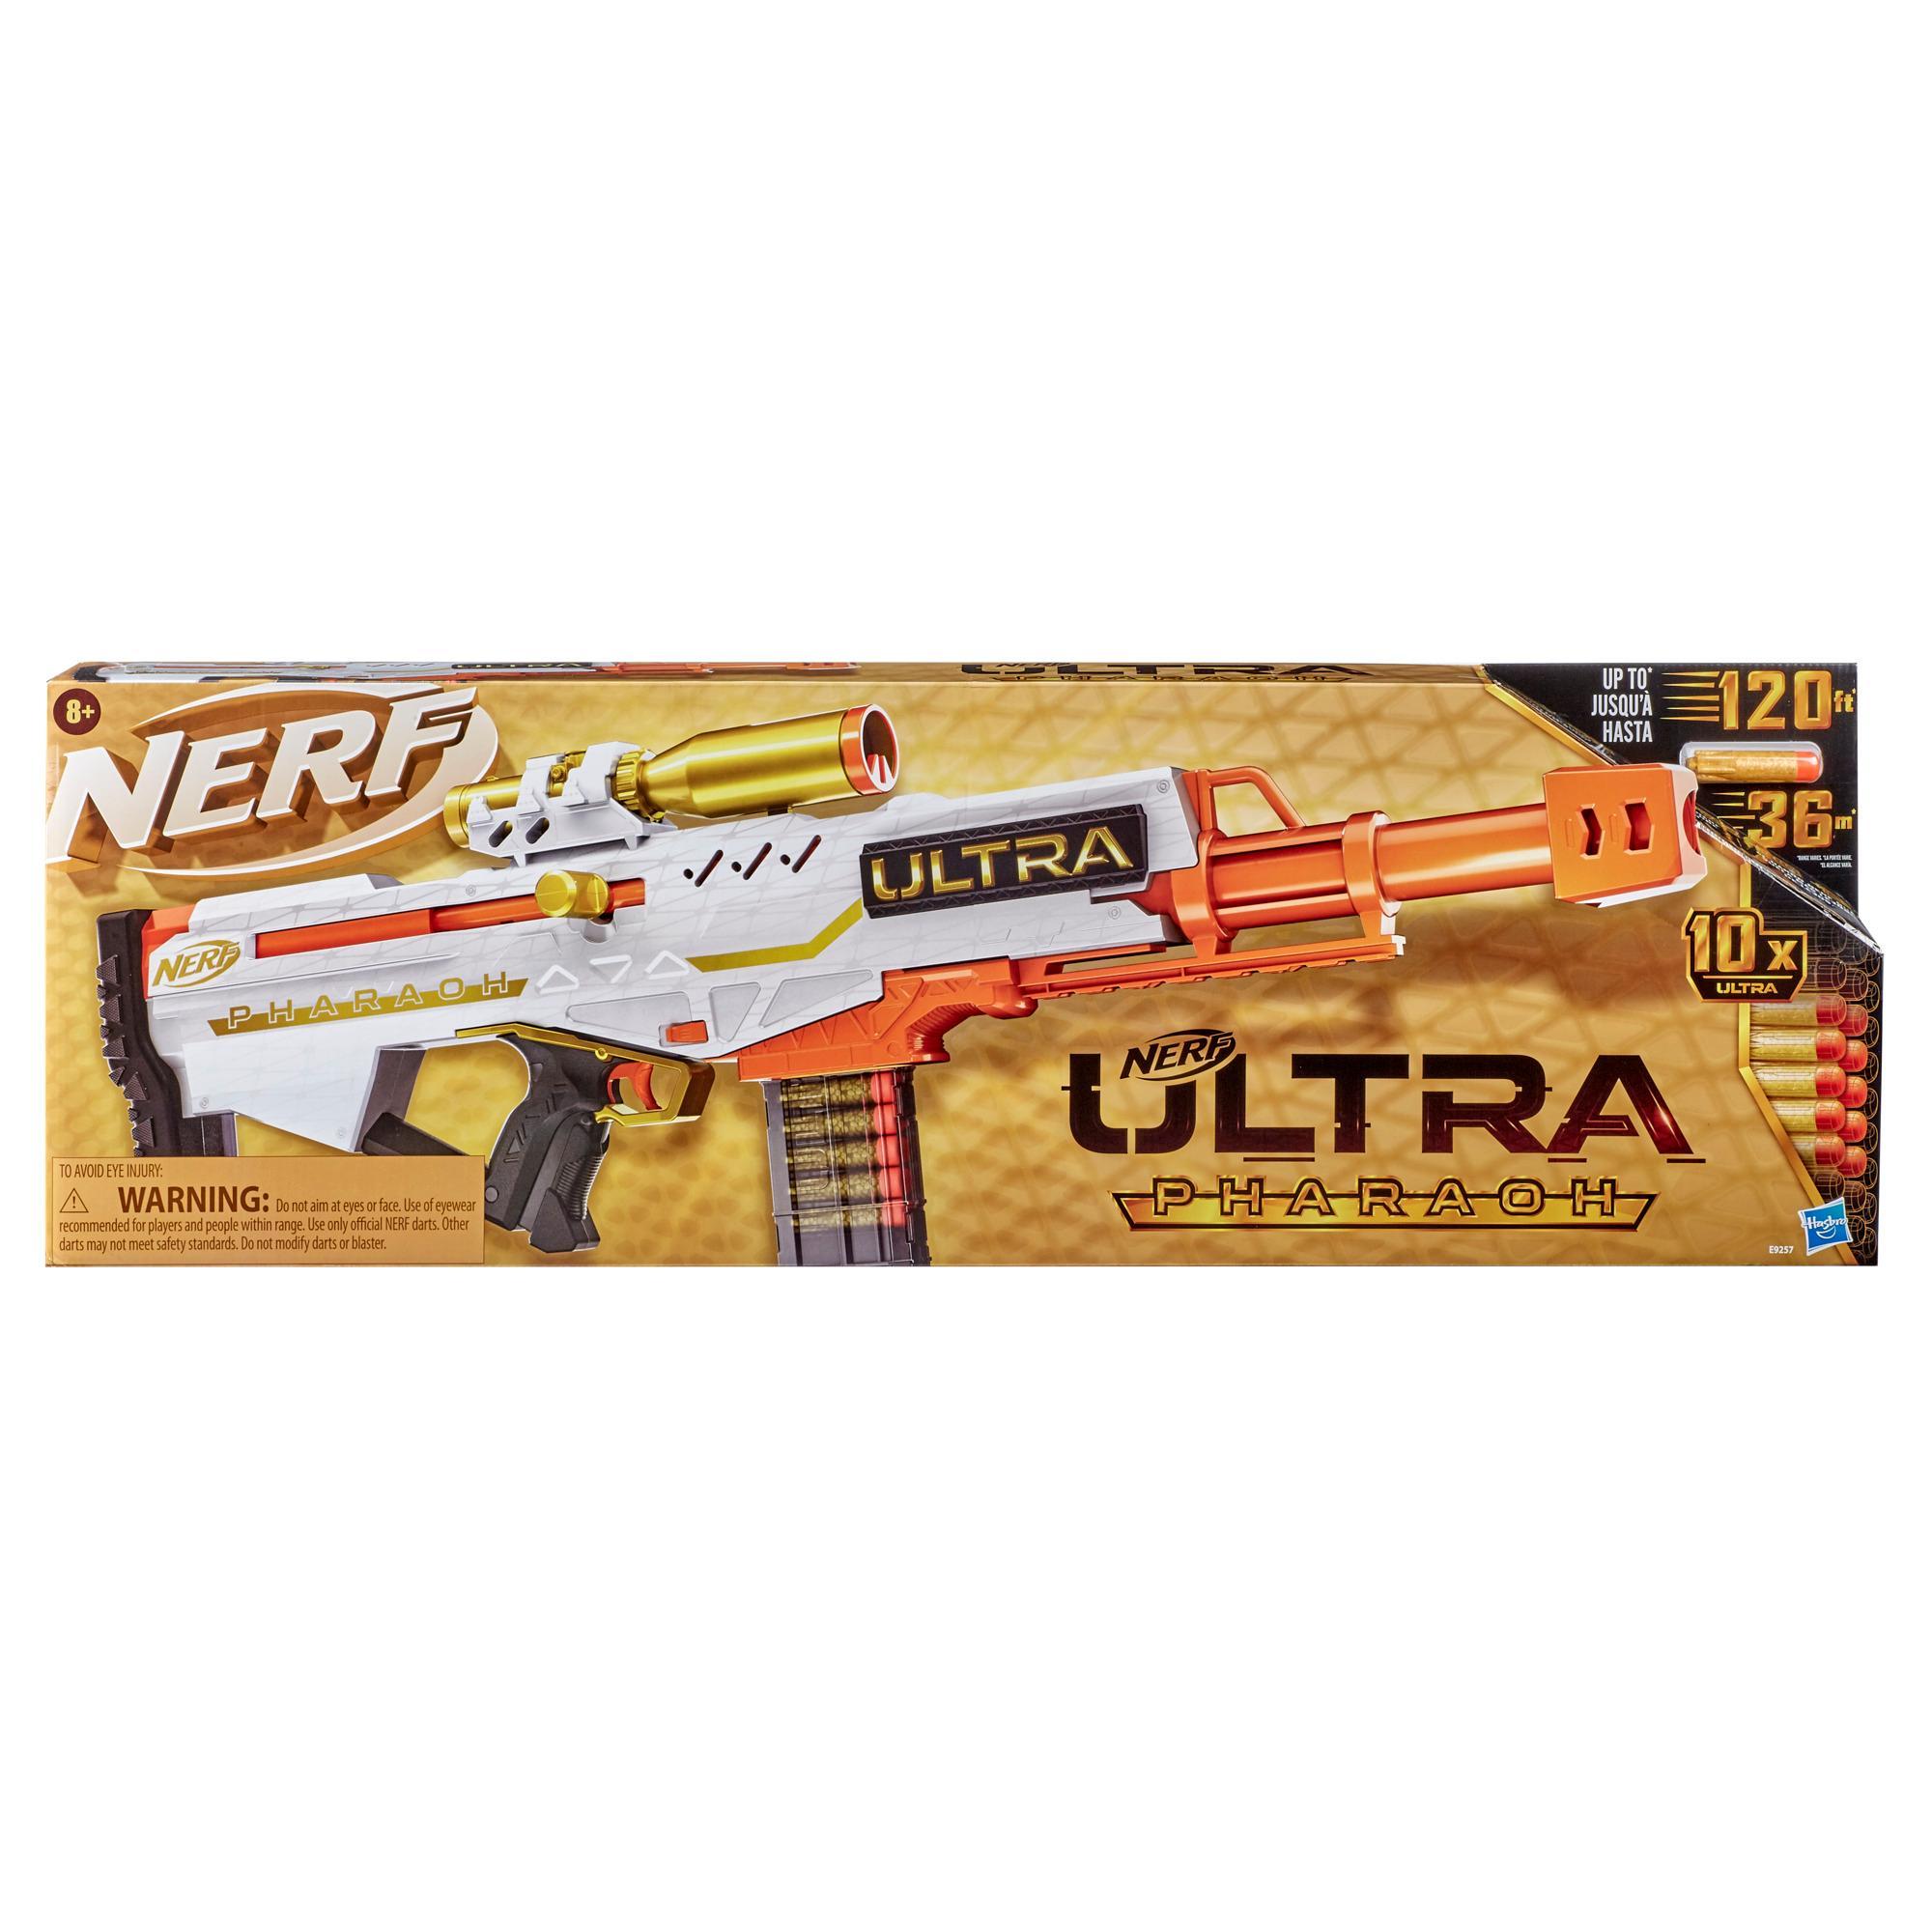 Nerf Ultra, blaster Pharaoh avec accents dorés premium, chargeur 10 fléchettes, 10 fléchettes Nerf Ultra, verrou